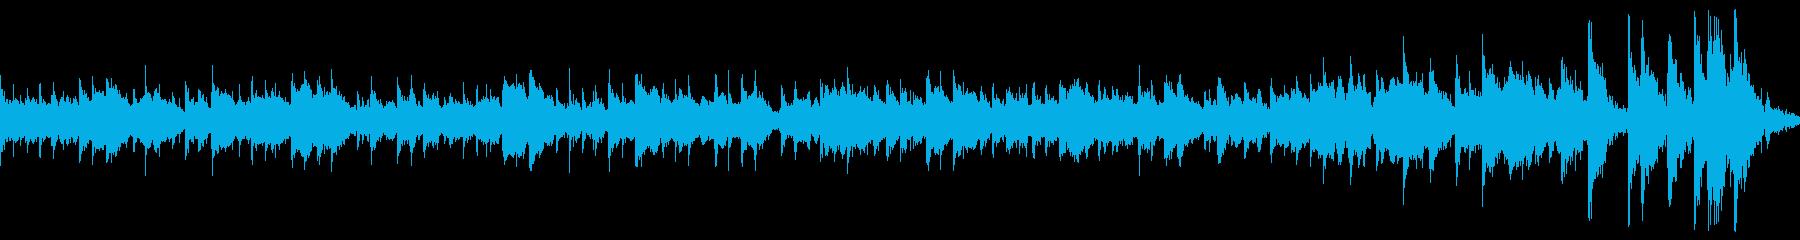 ピアノとインディアンのリズムが融合の再生済みの波形